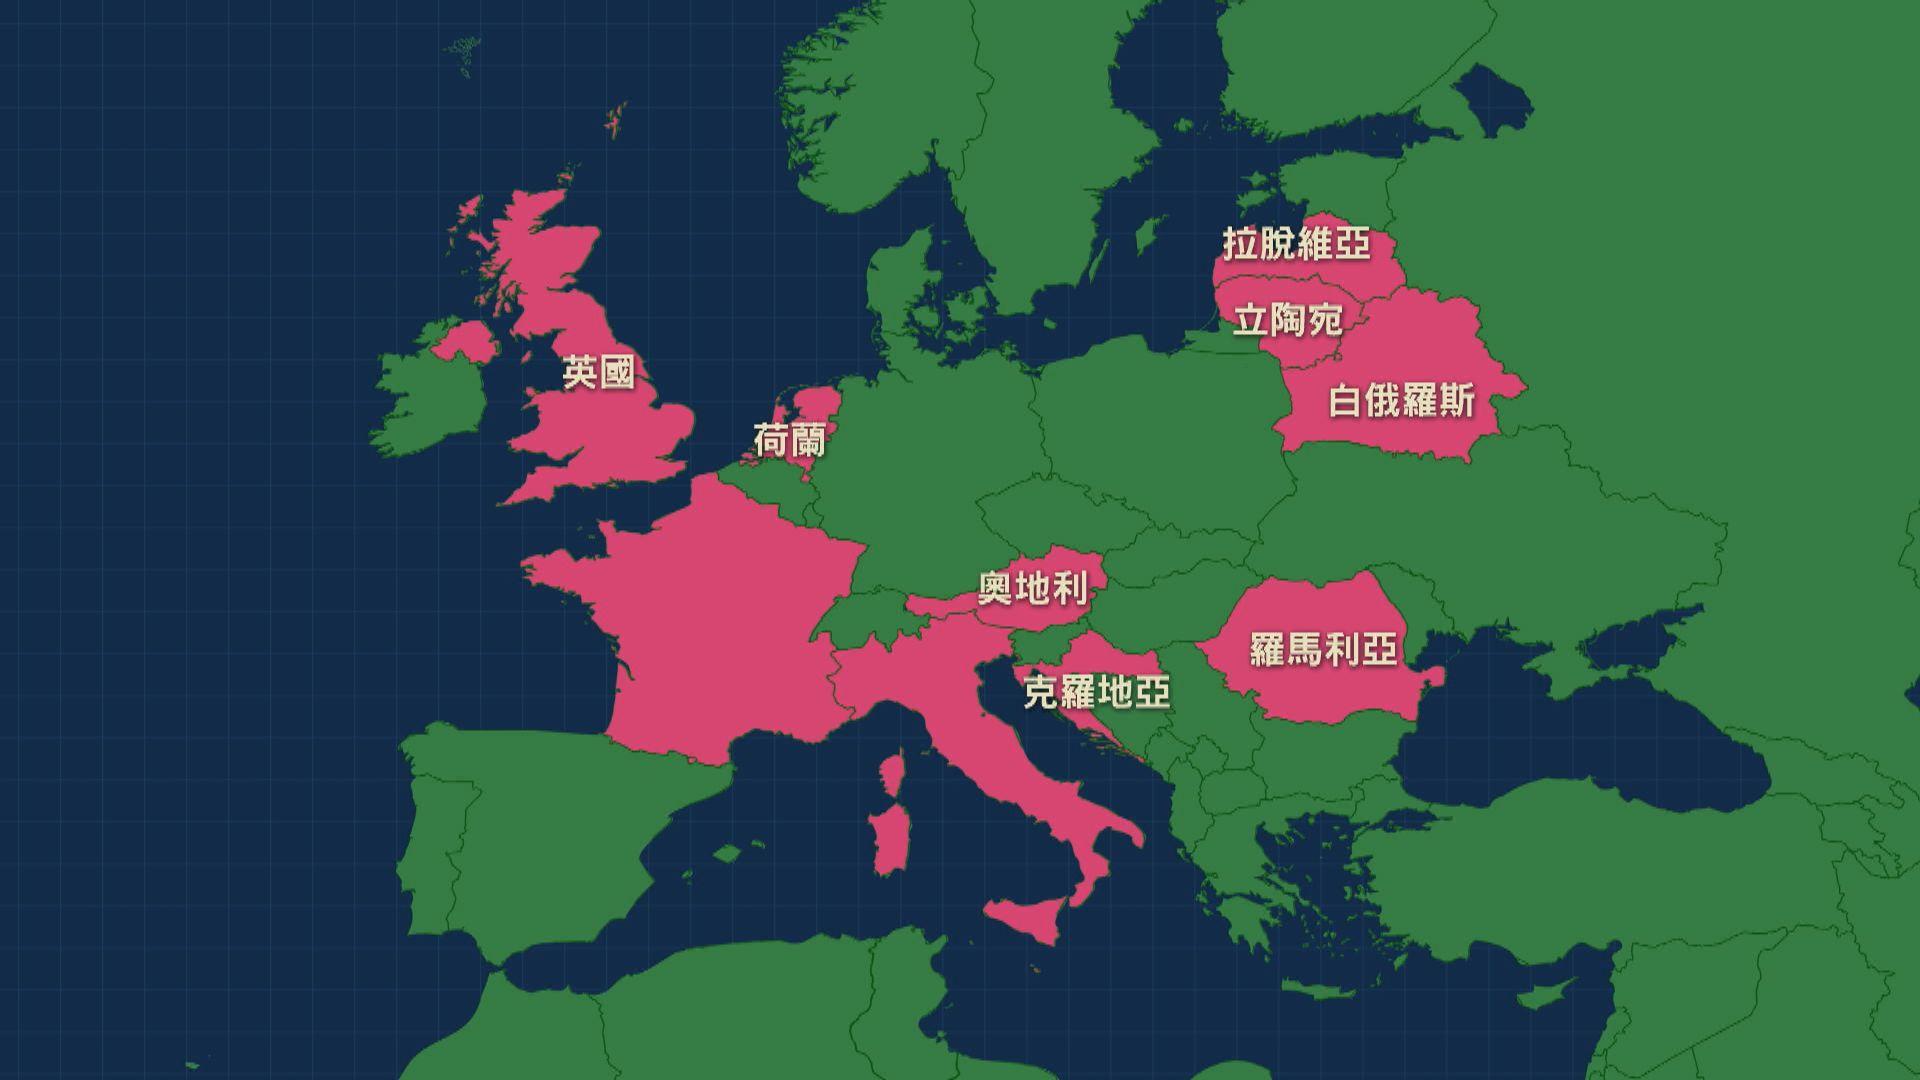 新西蘭、白俄羅斯及尼日利亞出現首宗確診個案